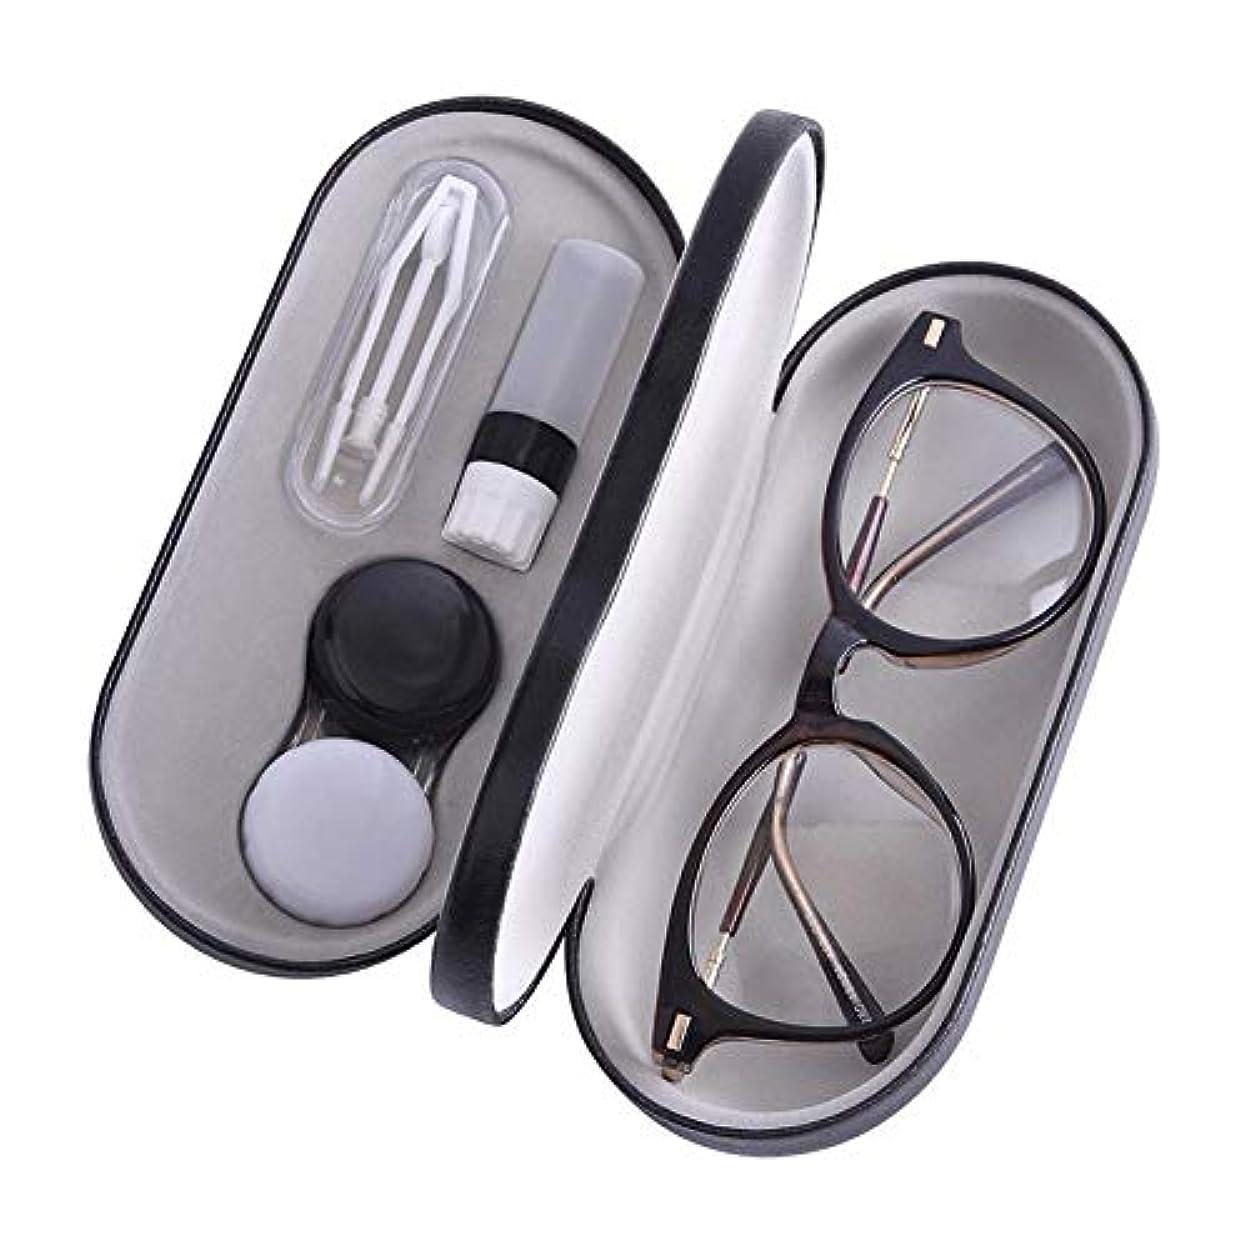 警官抑圧者ハブブコンタクトレンズケーストラベルホームイノベーション両面メガネ収納ボックストラベルセットボックス携帯しやすいミニボックスコンテナコンタクトレンズフレーム